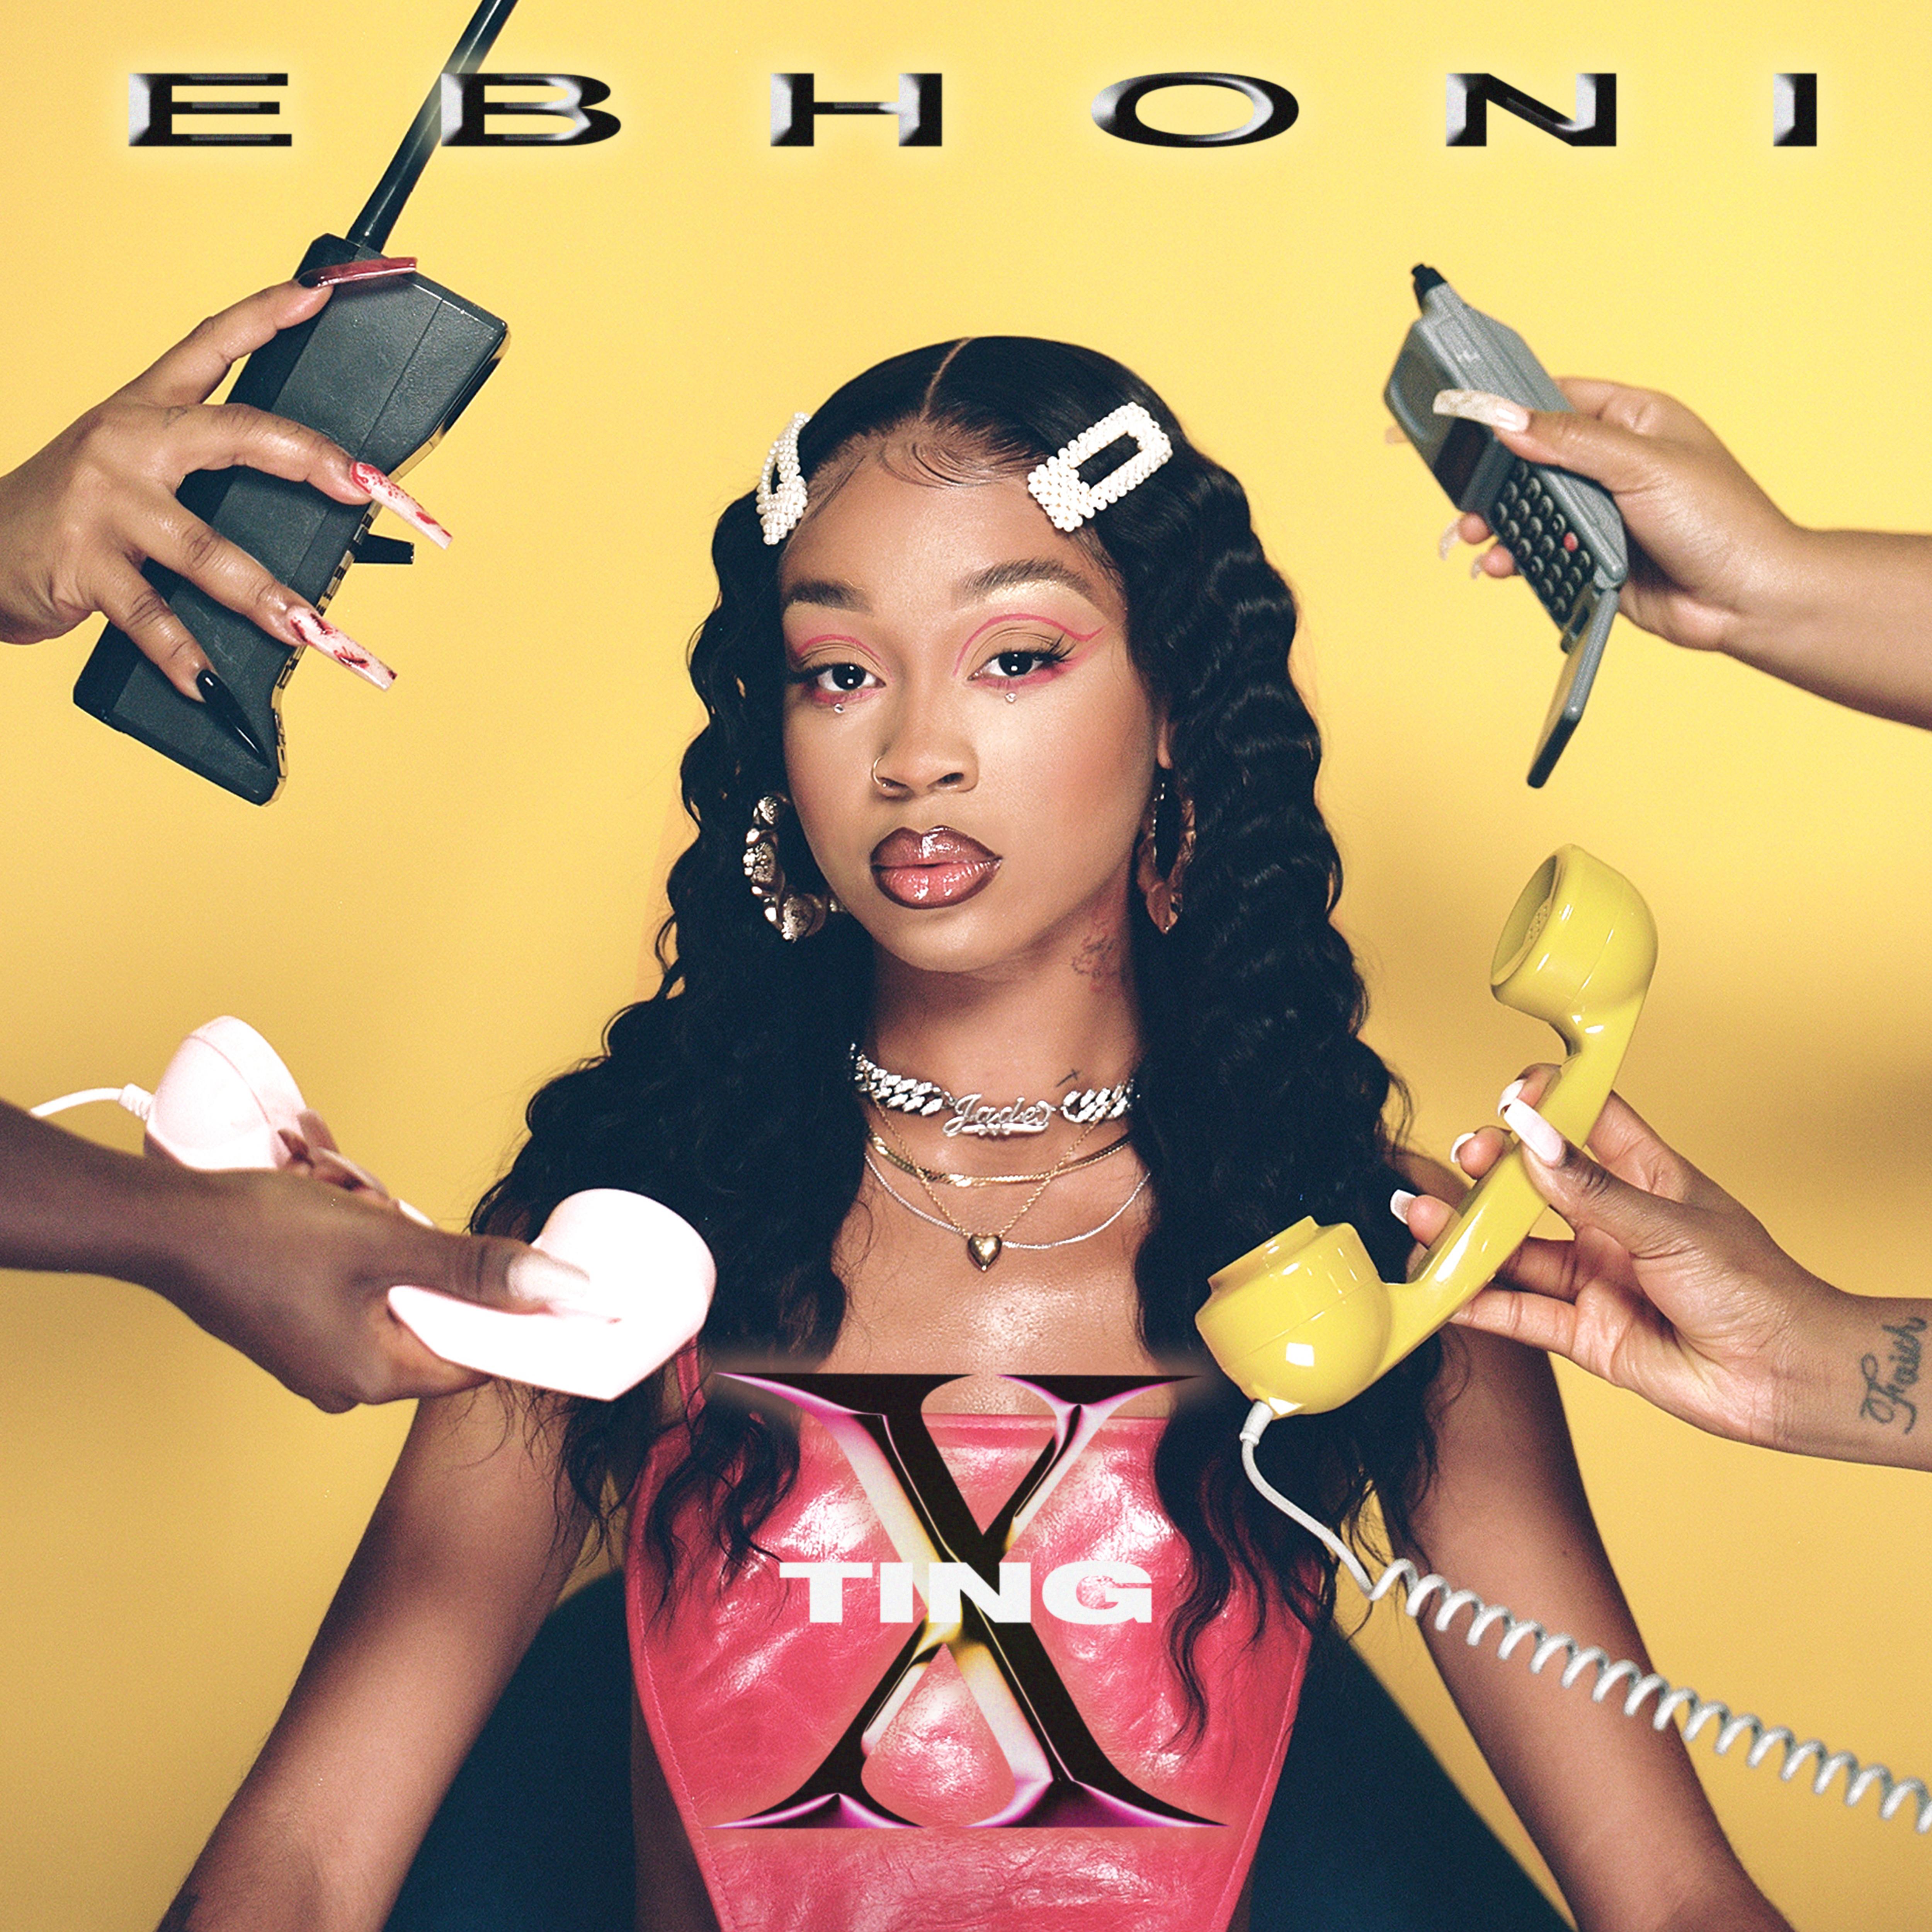 Ebhoni - X-Ting